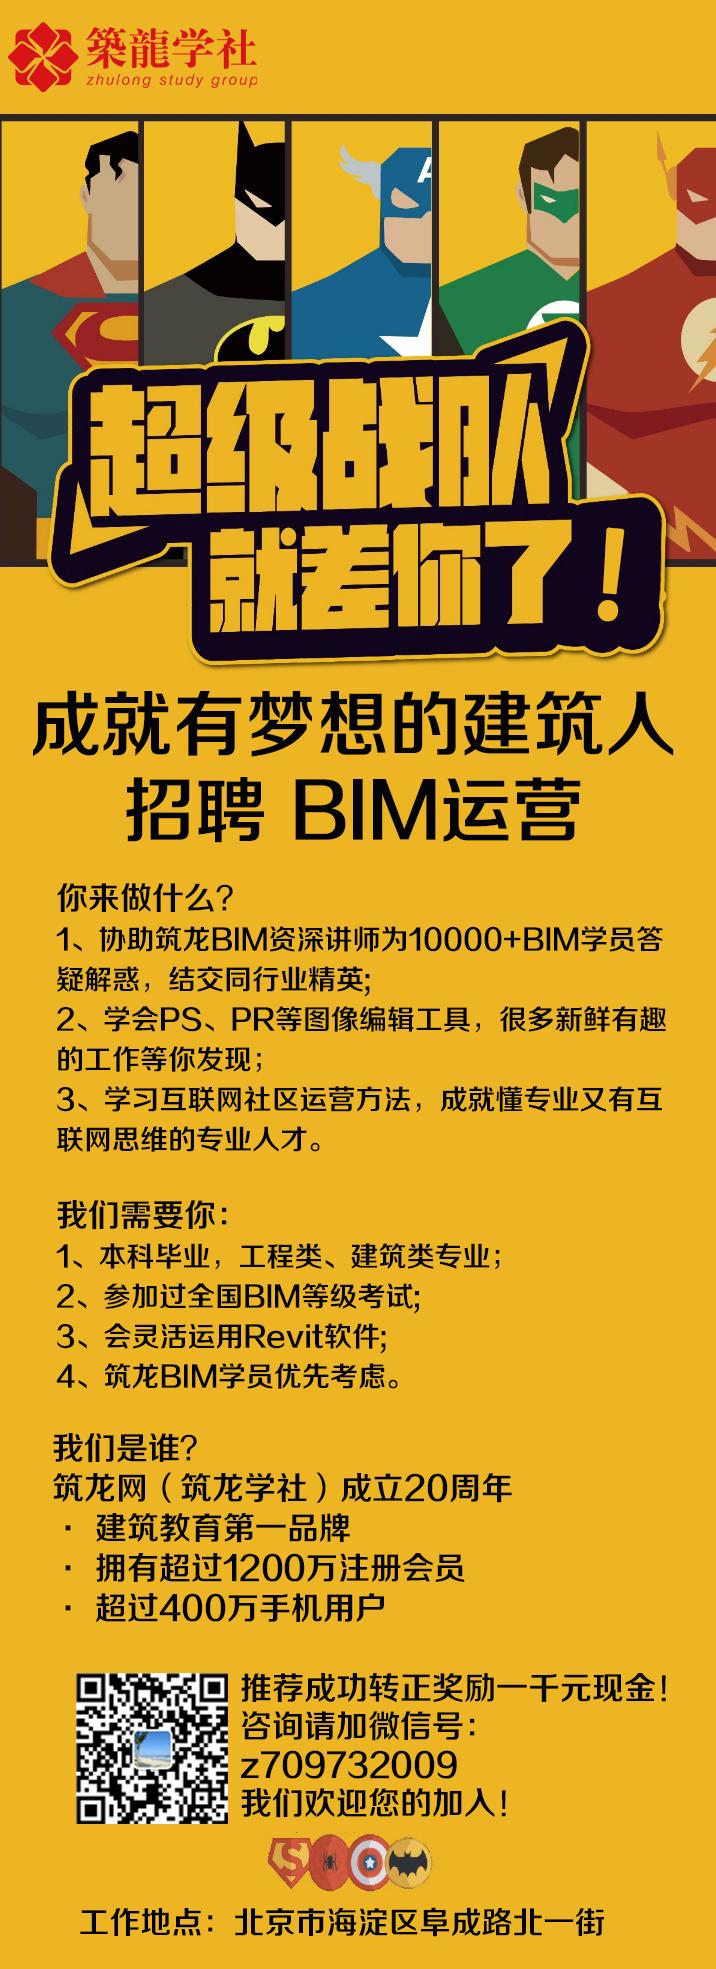 revit族免费下载资料下载-招聘 筑龙BIM运营5名